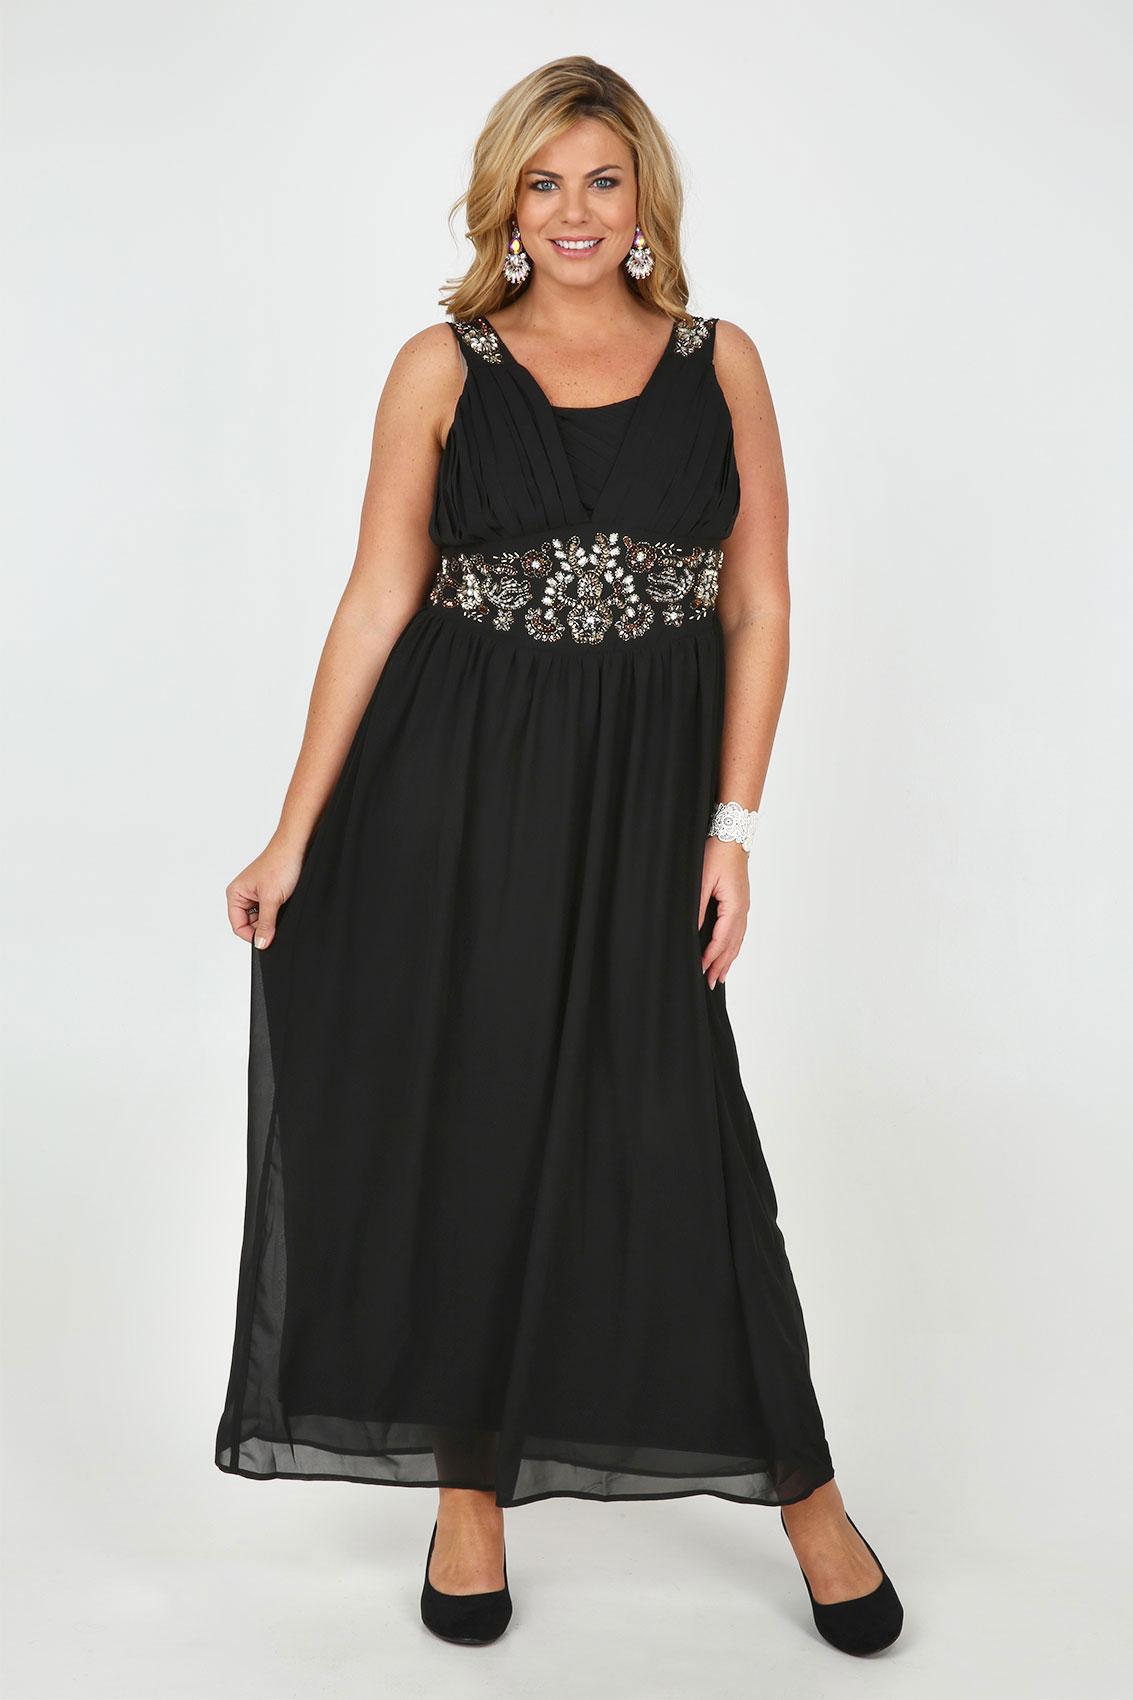 Sequin Petite Plus Size Dresses - Girl Dresses Party Evening